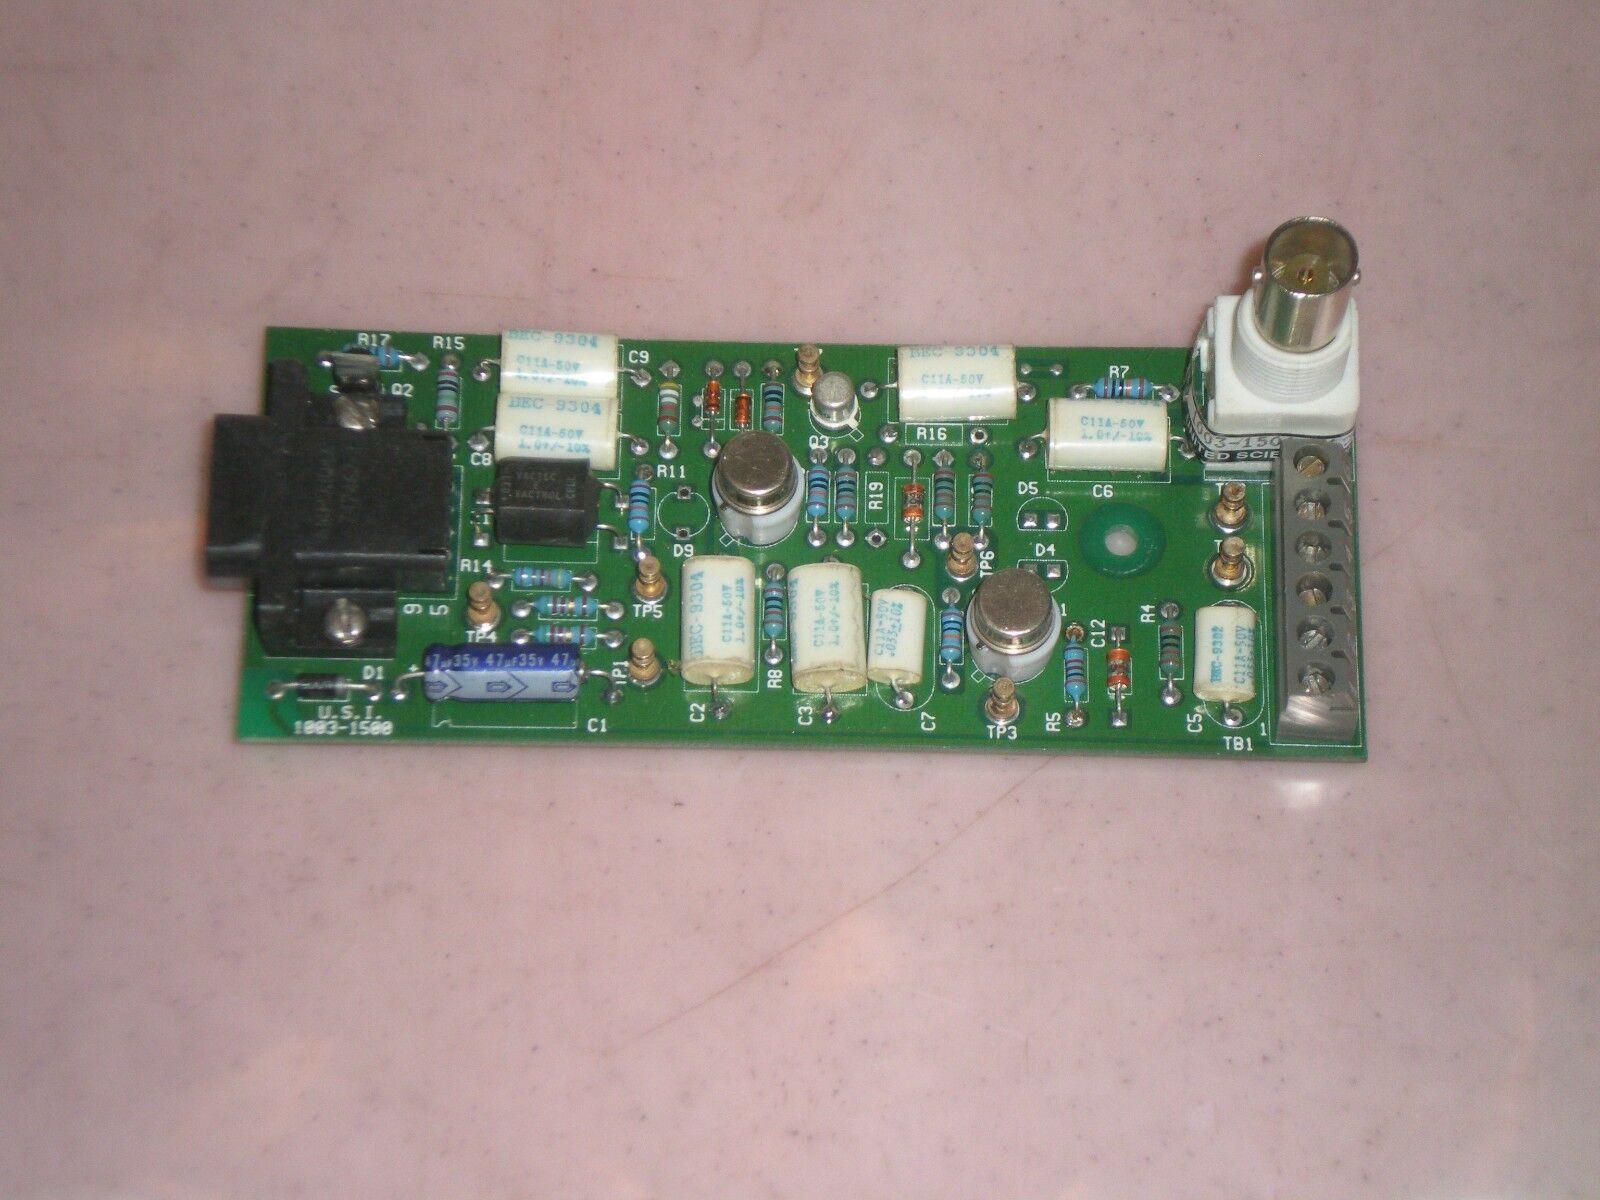 U.S.I. 1003-1500 Circuit Board PCB Free Shipping  USI 1003-1500-012